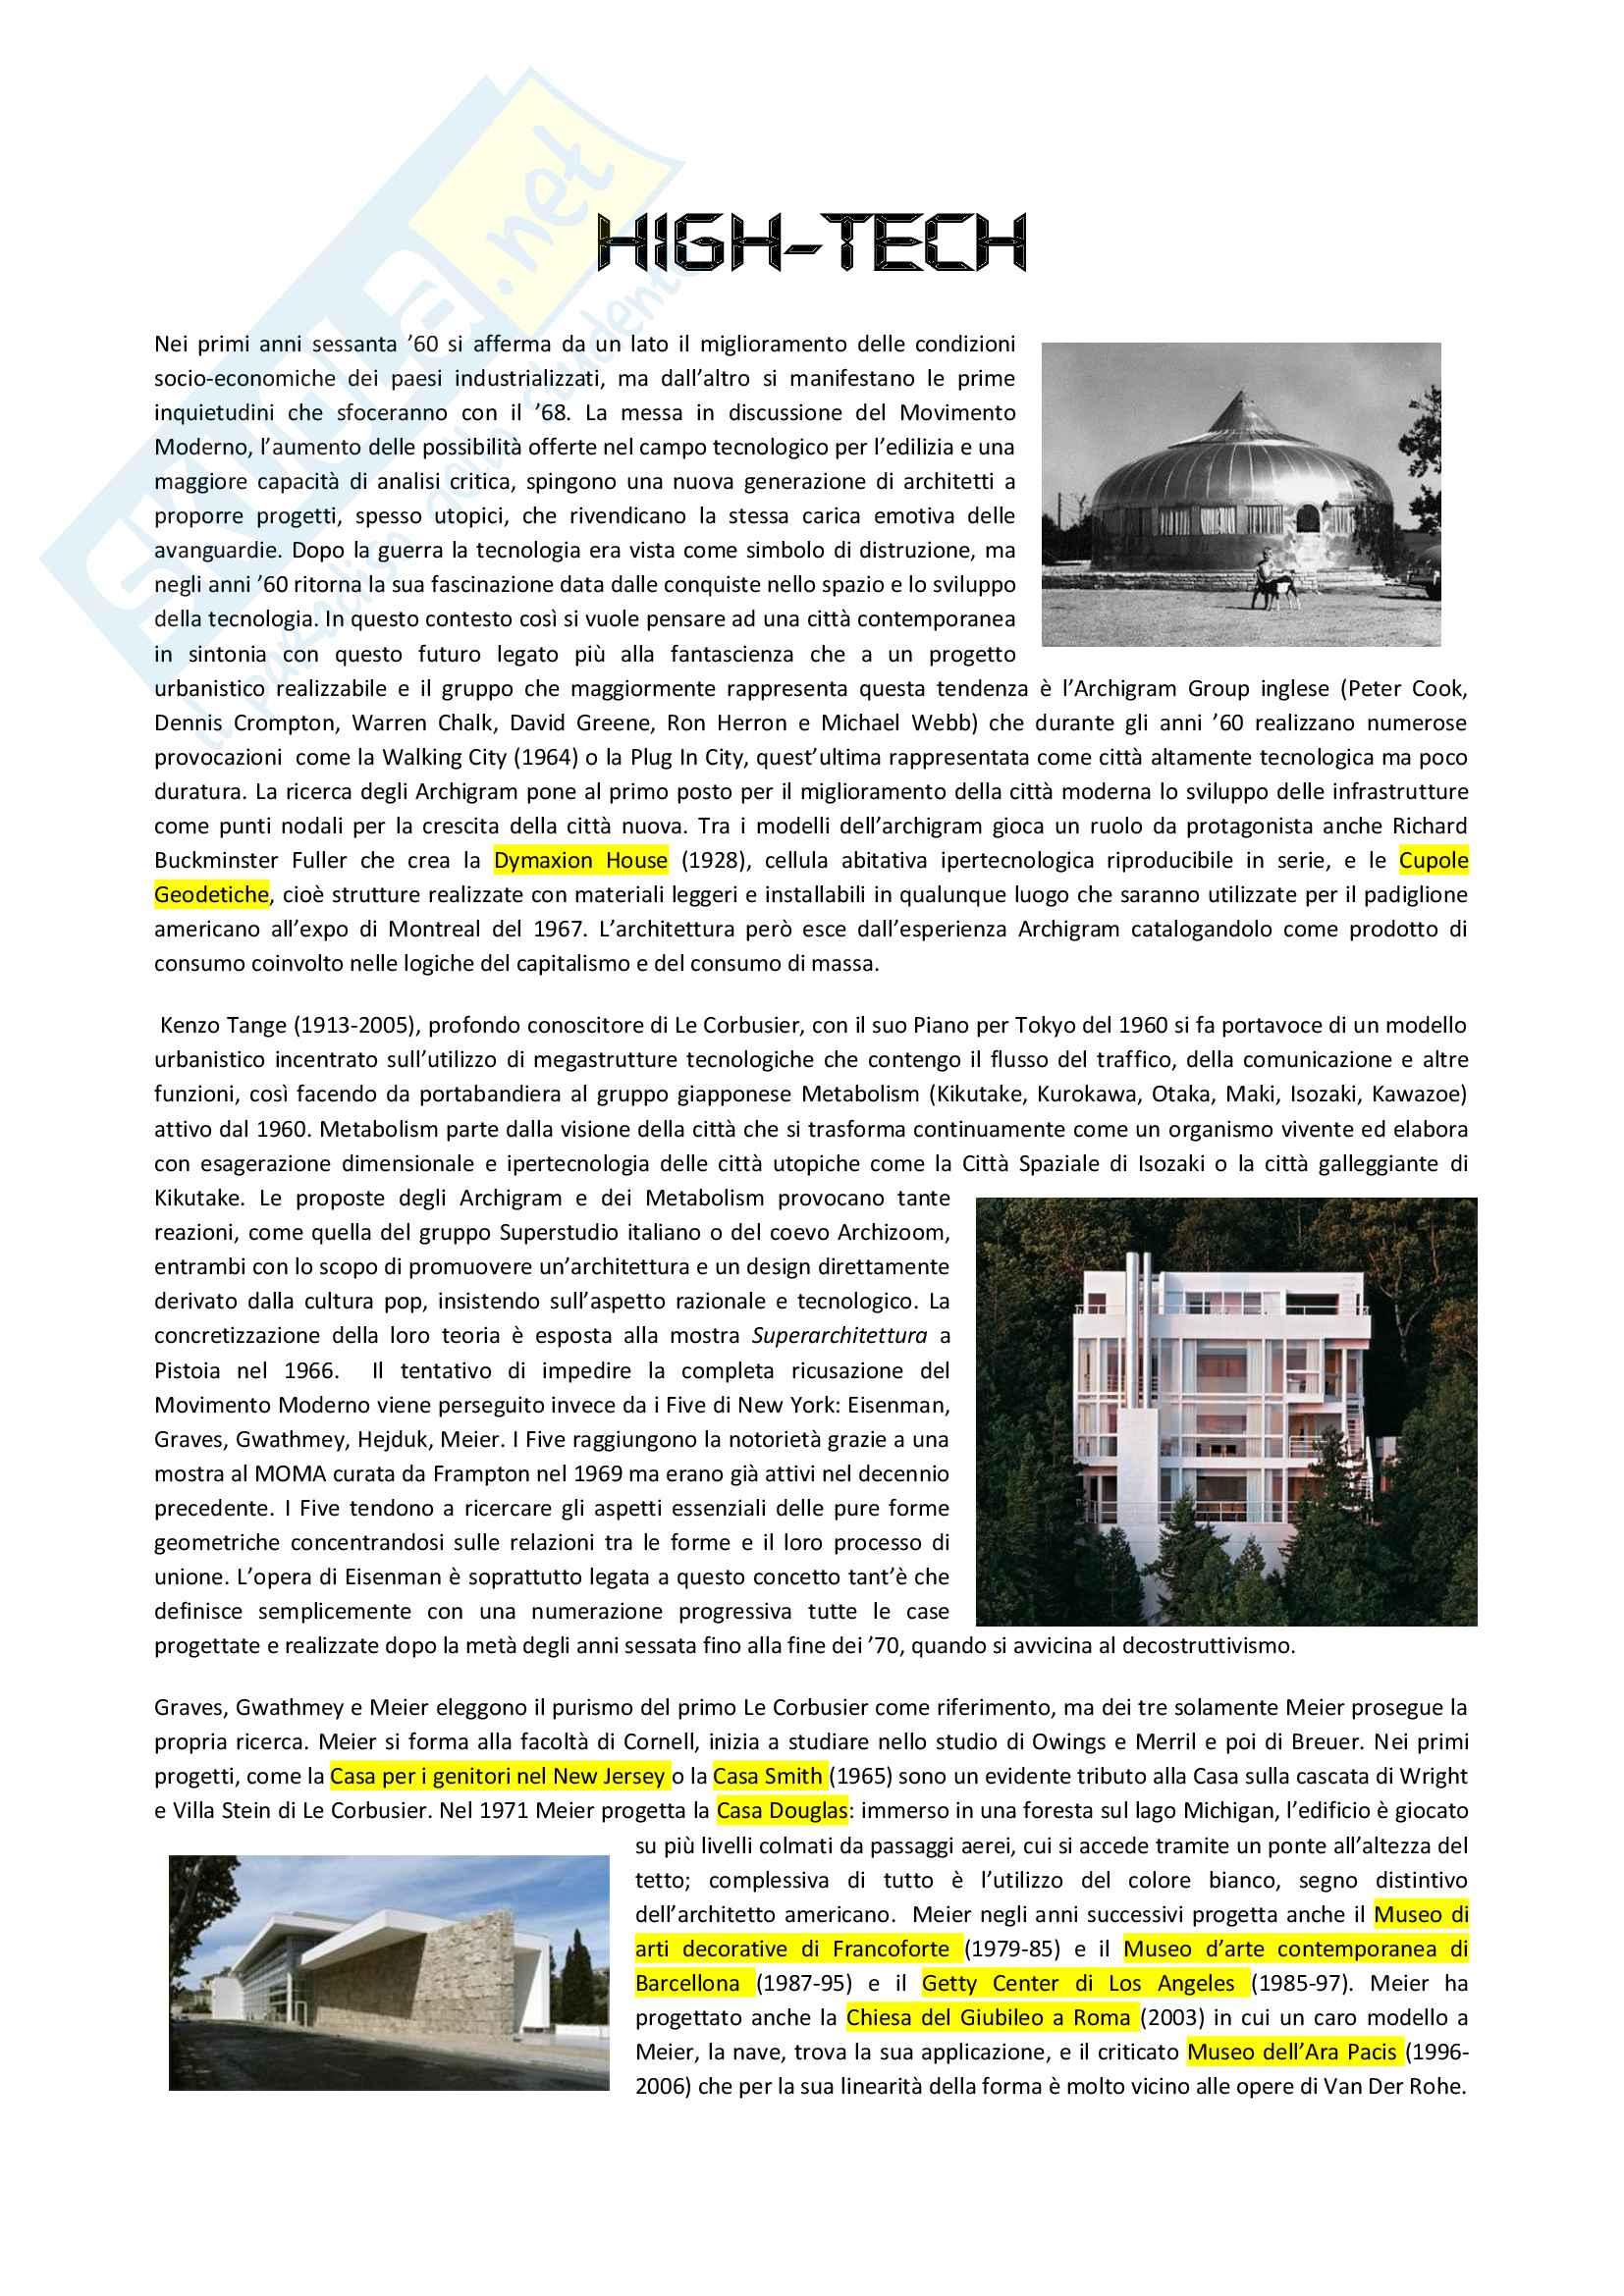 Hi-tech: Renzo Piano, Santiago Calatrava, Norman Foster e Jean Nouvel